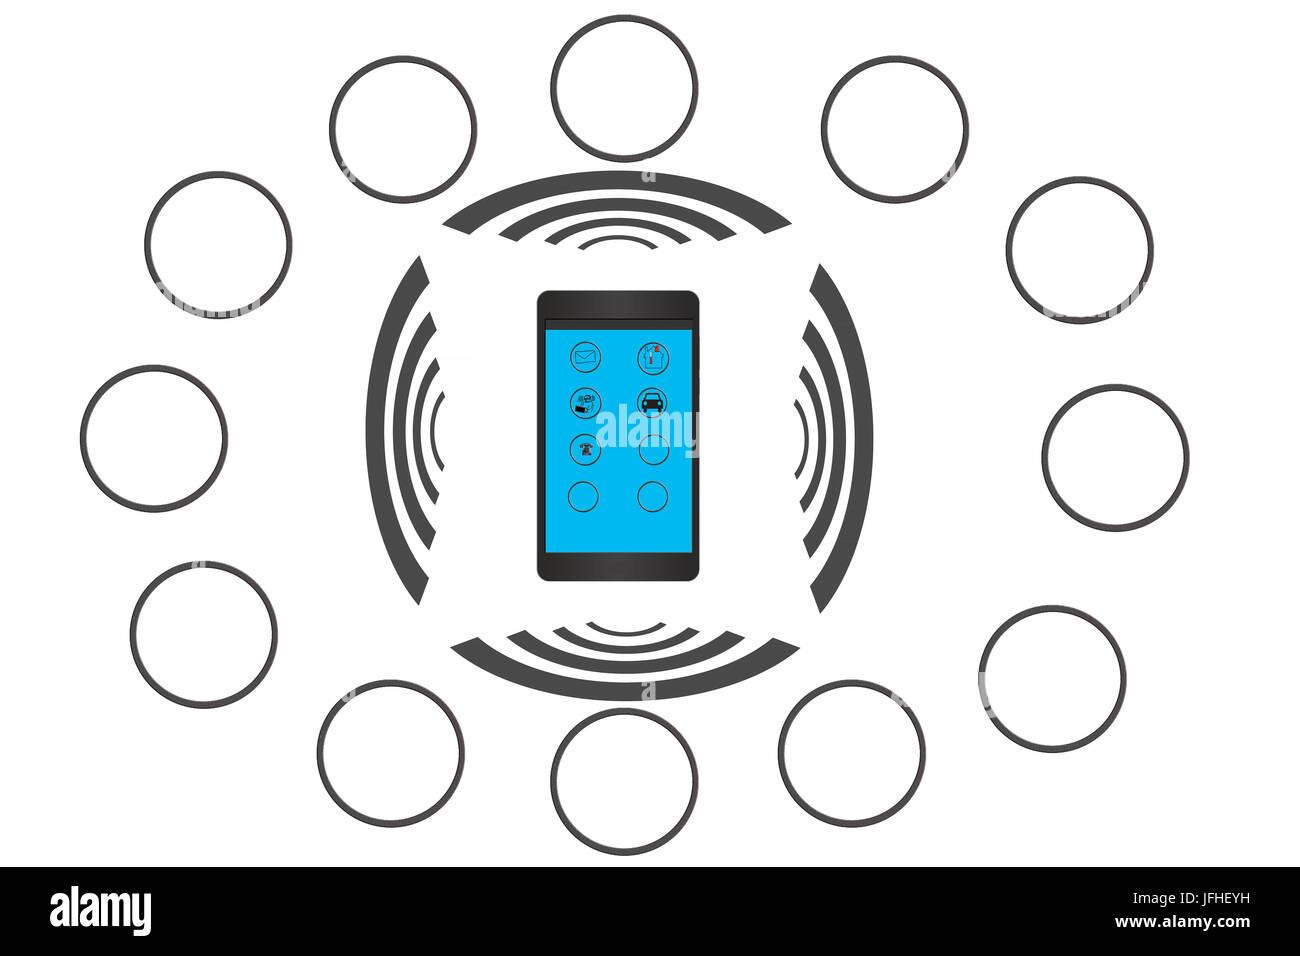 Aplicación de teléfono inteligente para el hogar inteligente de redes generales y de control. Imagen De Stock